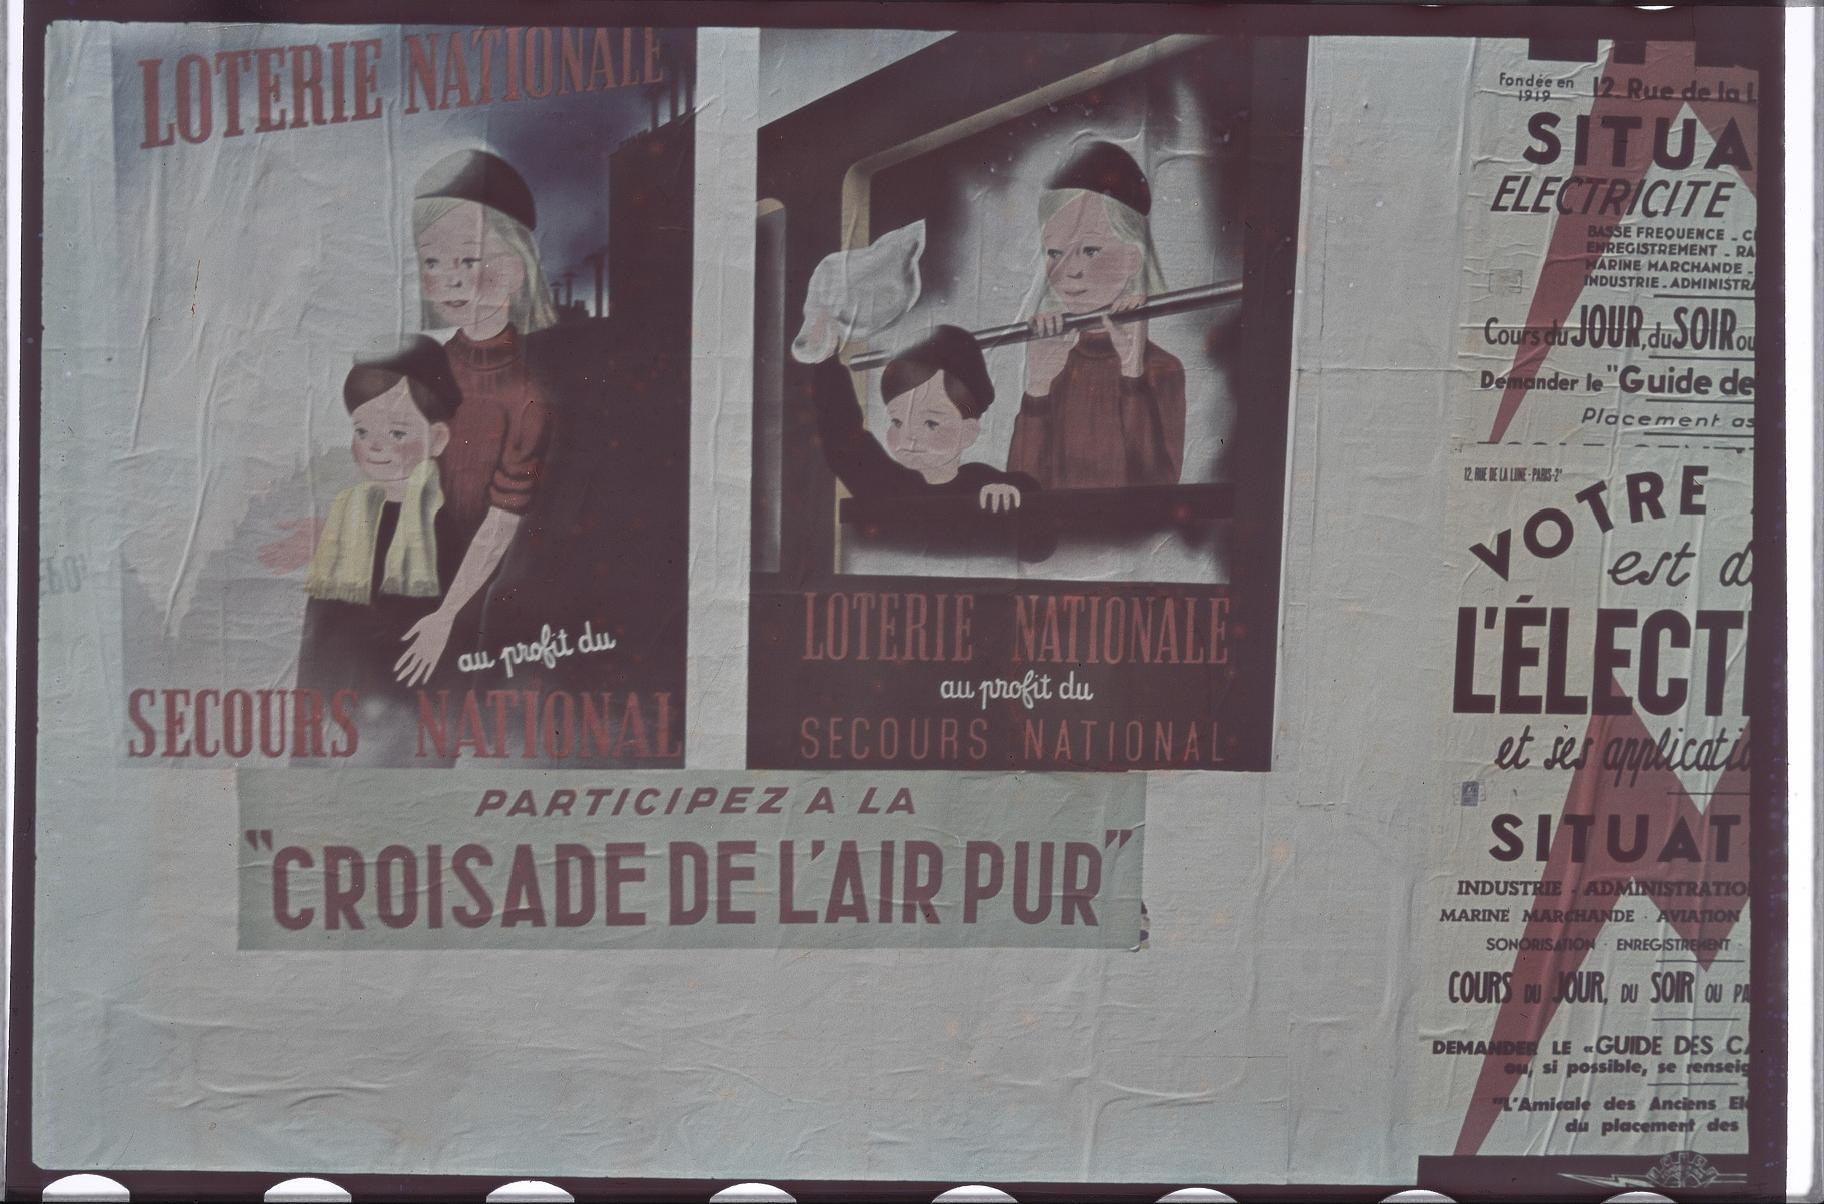 Плакат против трущоб. Крестовый поход за чистый воздух